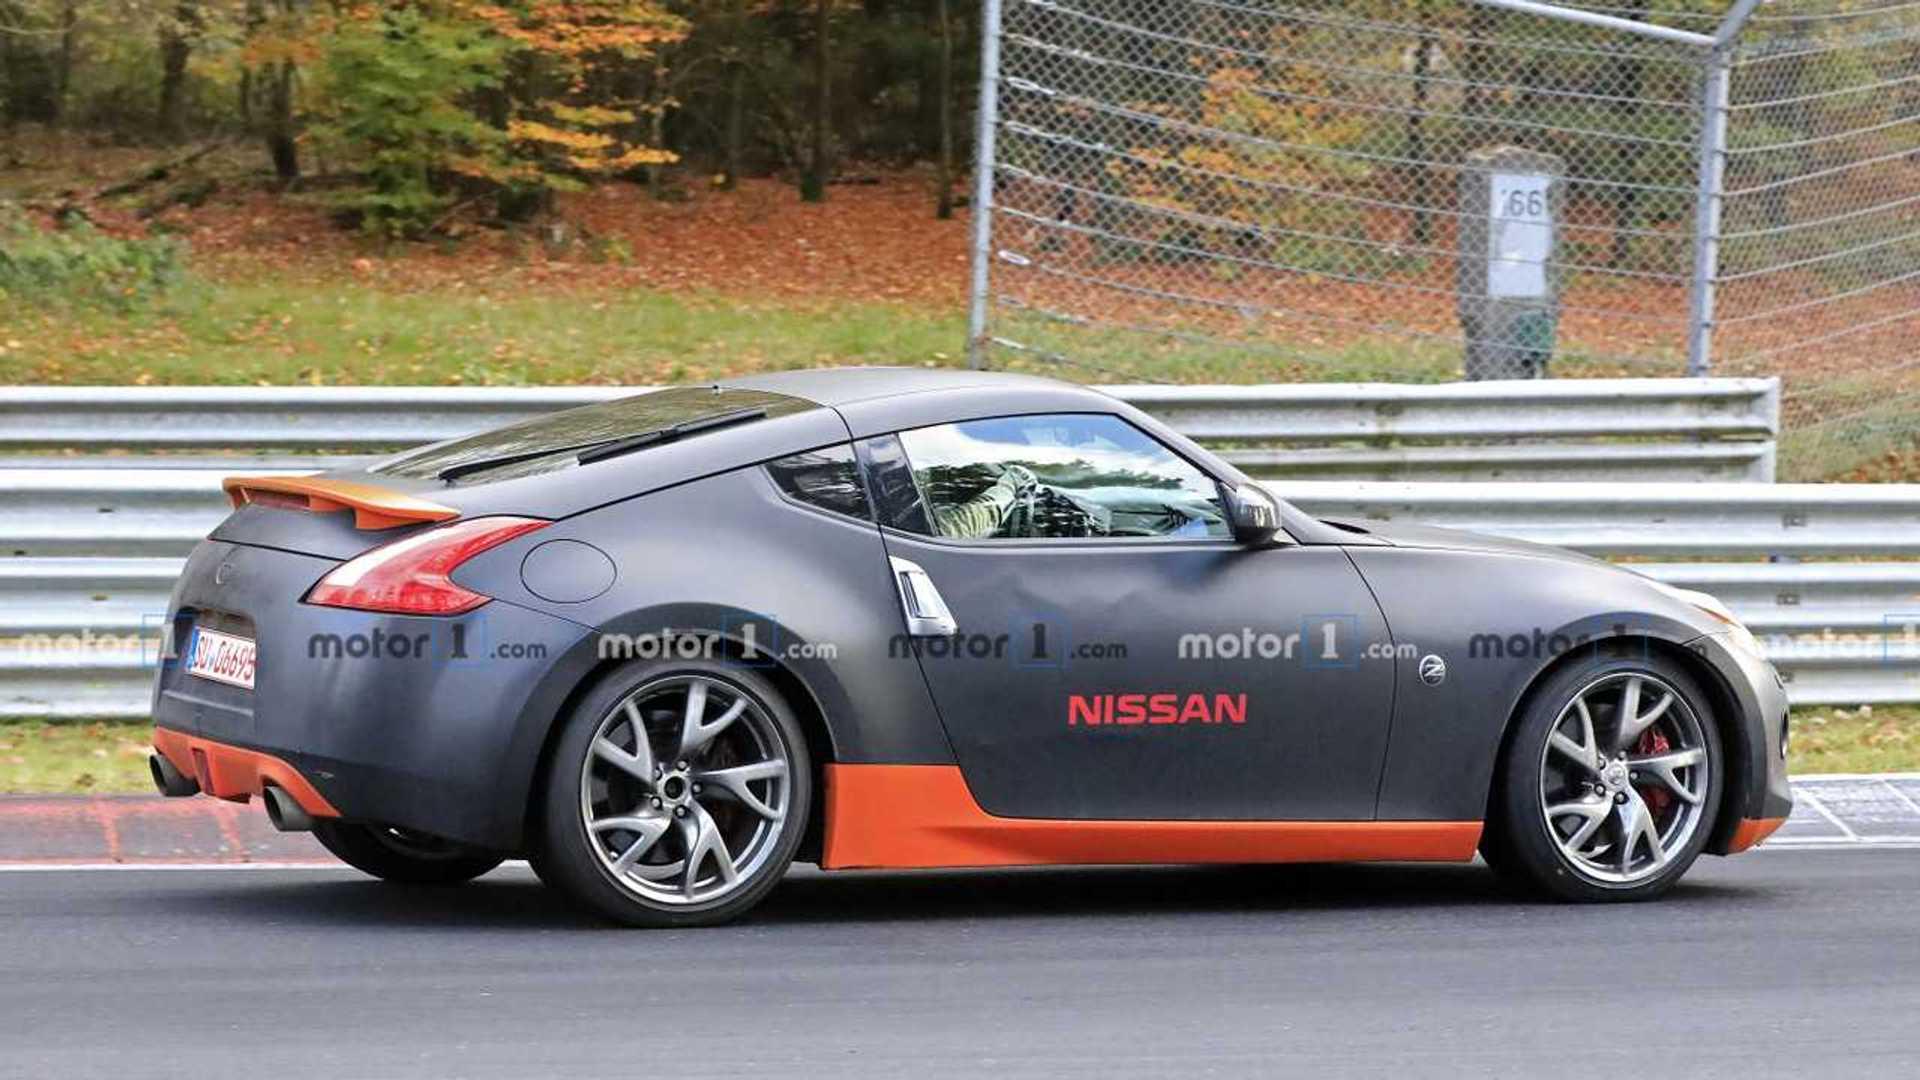 Nissan 370Z successor to get retro design, 3.0 V6, and a manual